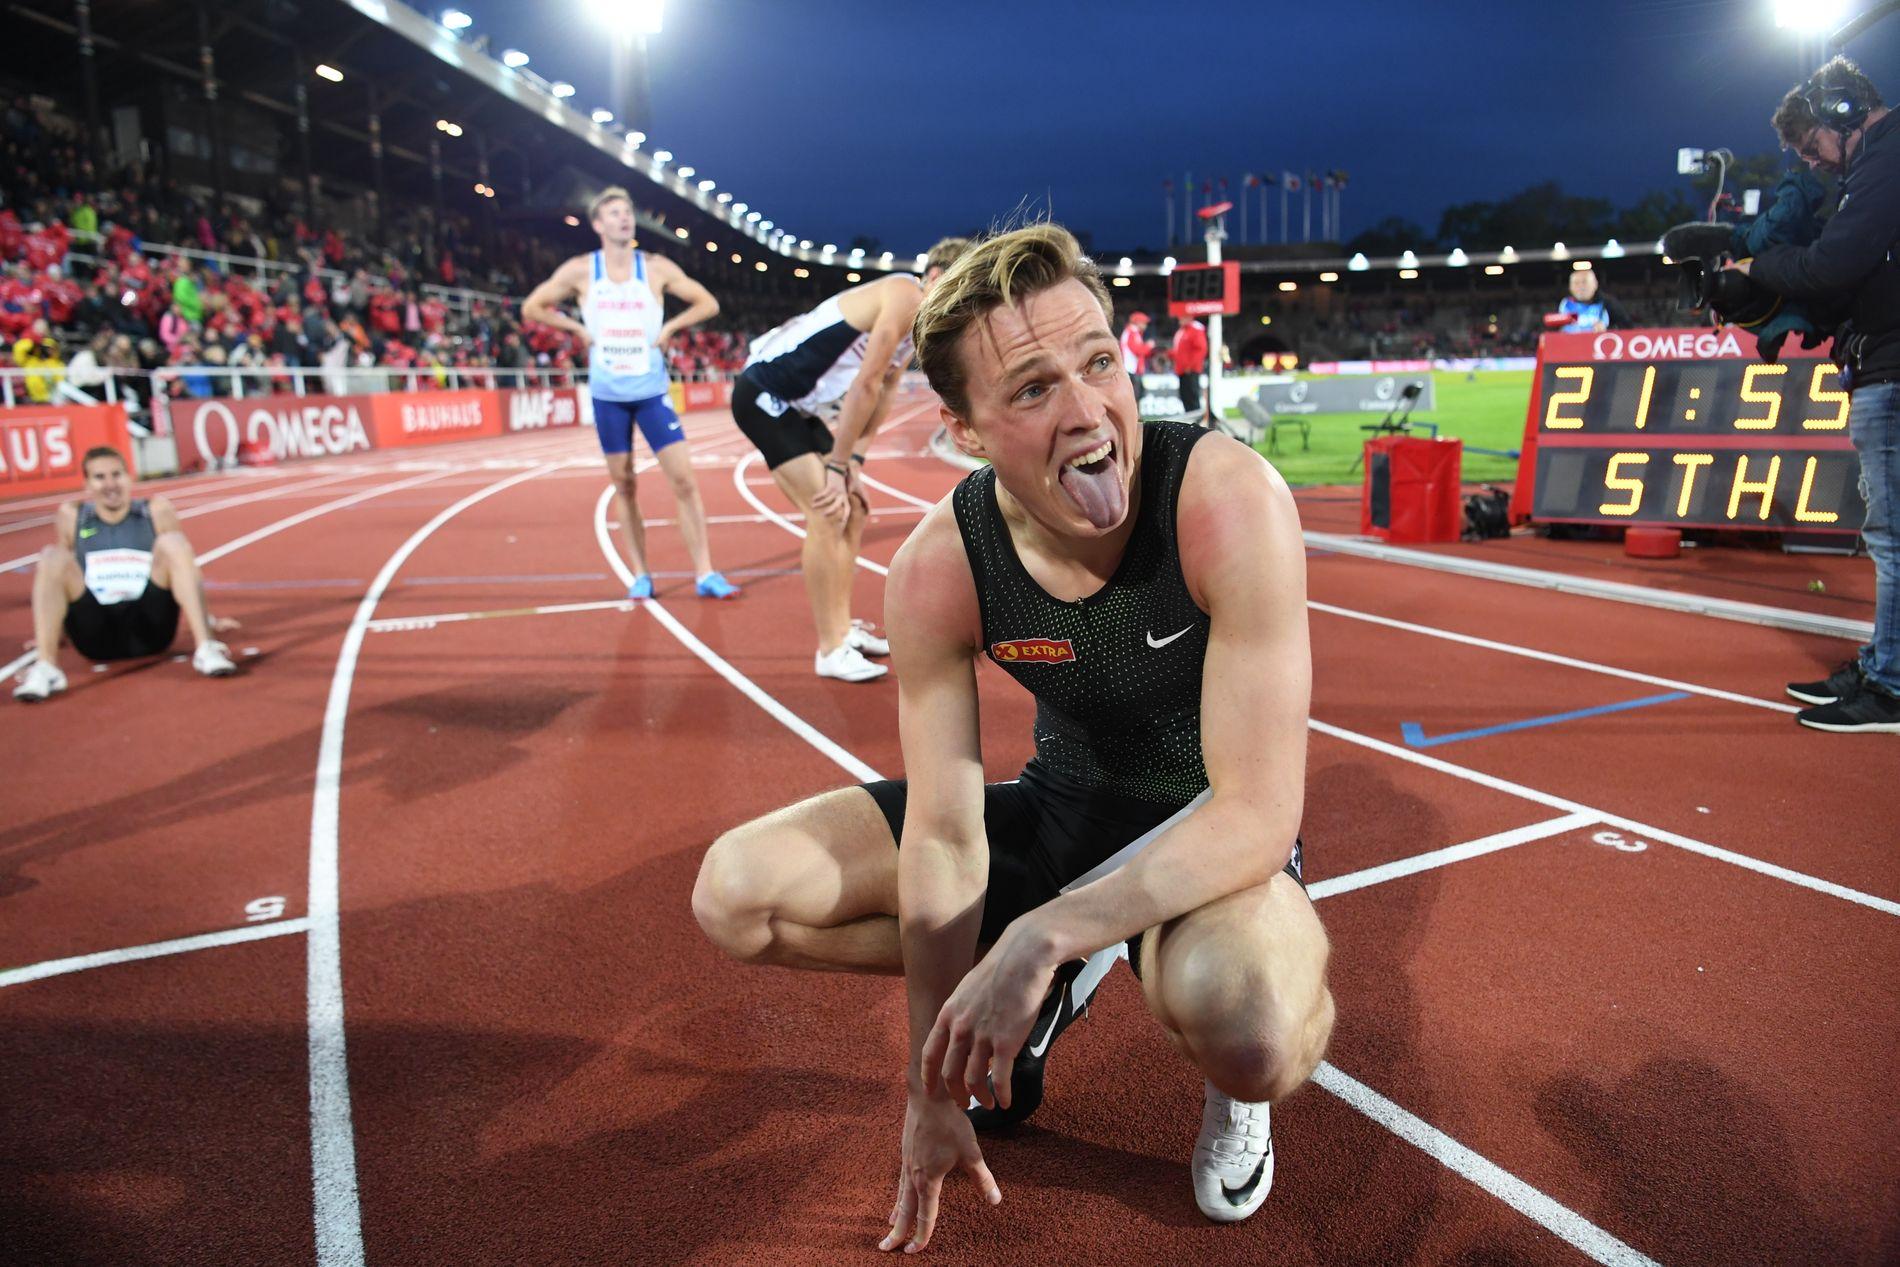 ENER OVER HEKKENE: Karsten Warholm etter løpet i Stockholm tidligere i sommer. Nå venter 400 meter uten hekker til helgen.